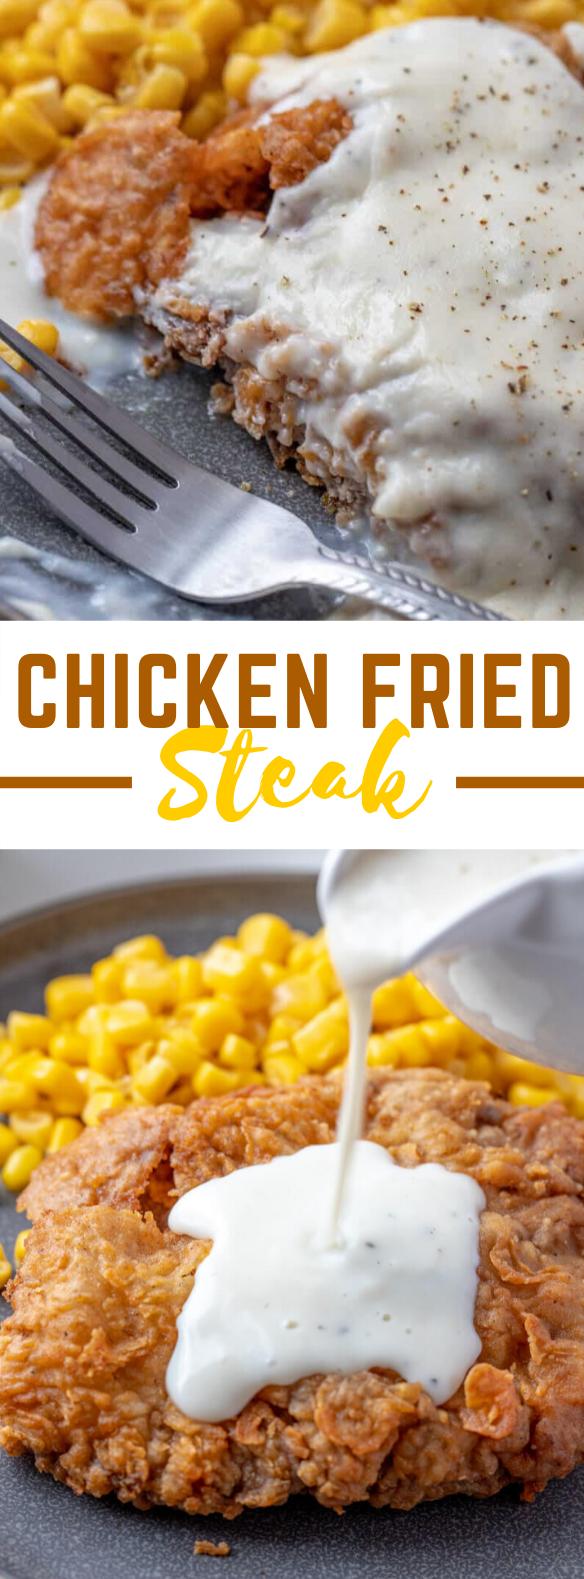 CHICKEN FRIED STEAK #dinner #familyfood